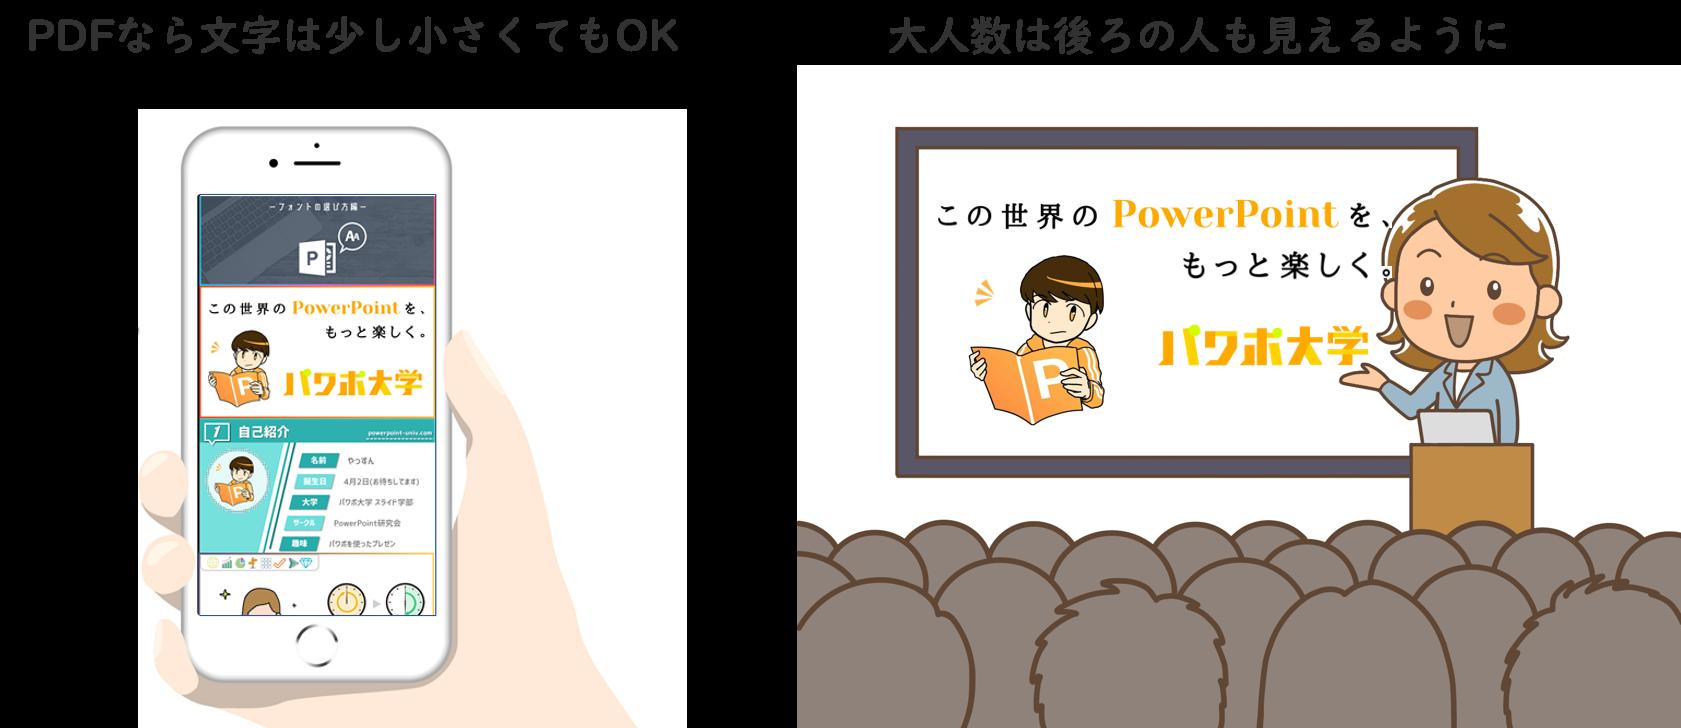 パワーポイントはシーンに応じて適切な文字サイズが変わる